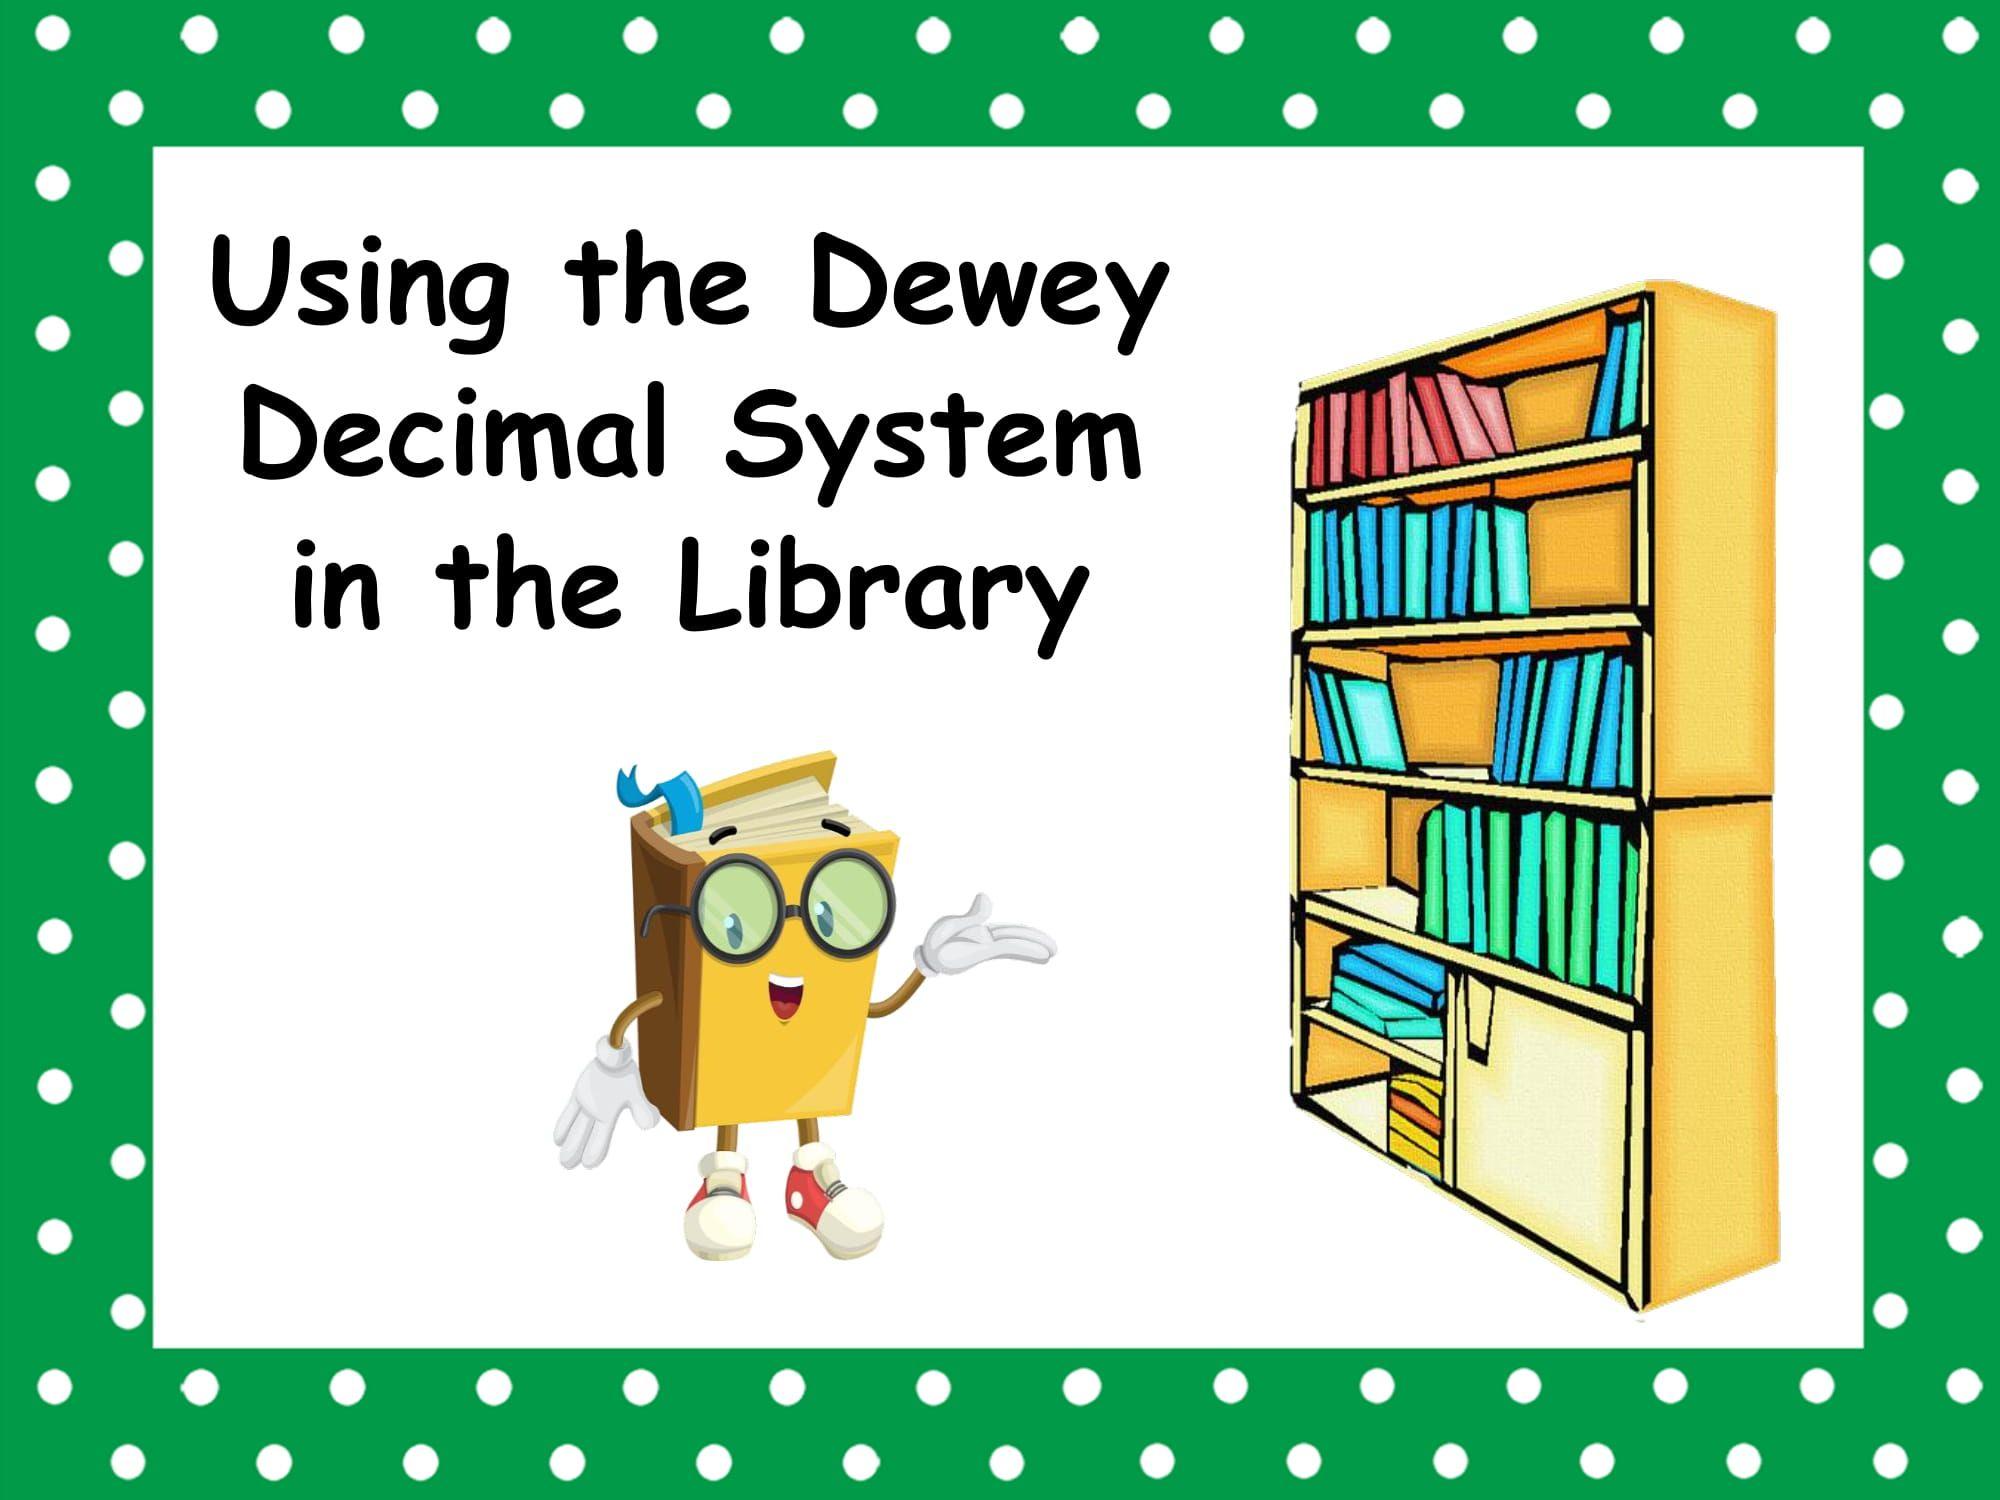 Using The Dewey Decimal System